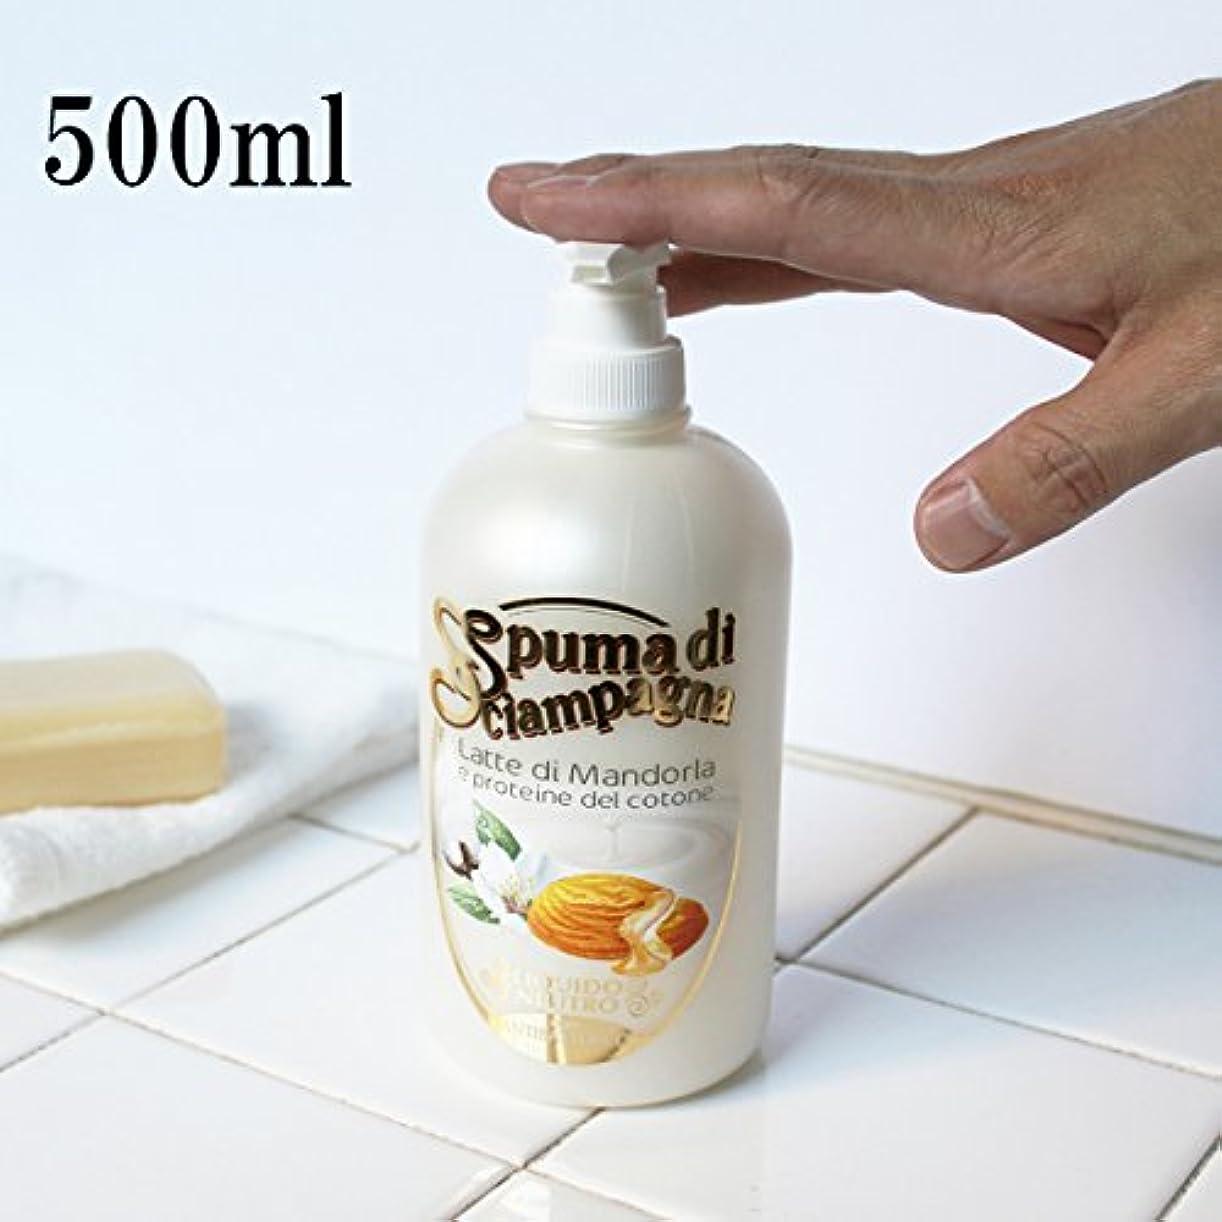 想定する冷えるもっと少なくSpuma di Sciampagna (スプーマ ディ シャンパーニャ) リキッドソープ 500ml アーモンドの香り